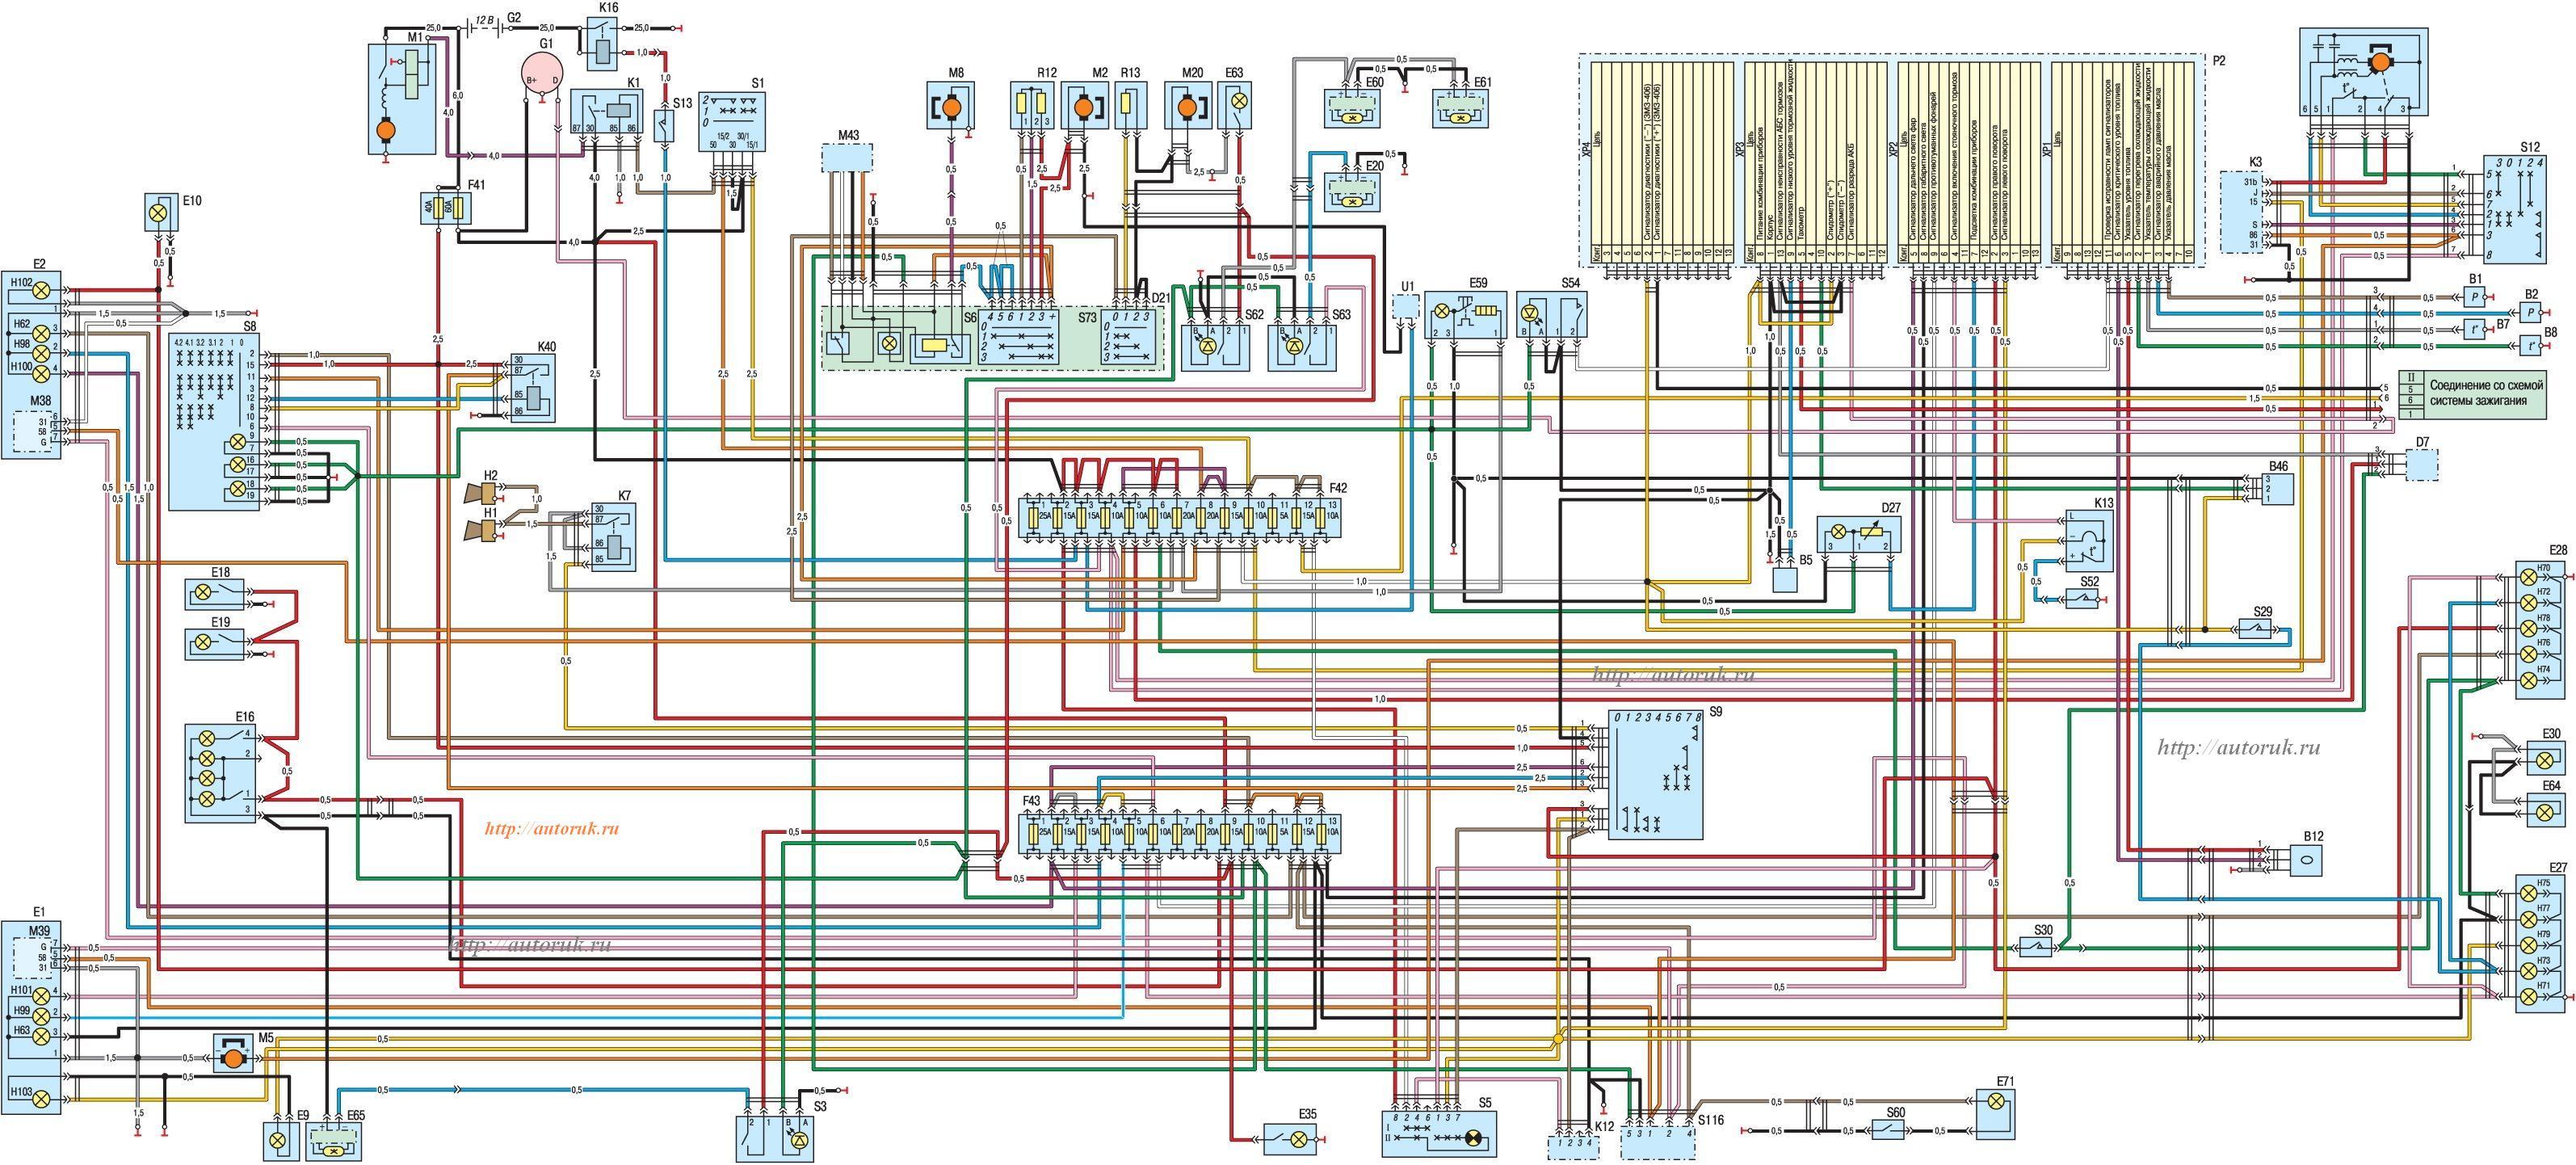 схема подключения датчика давления масла 2121